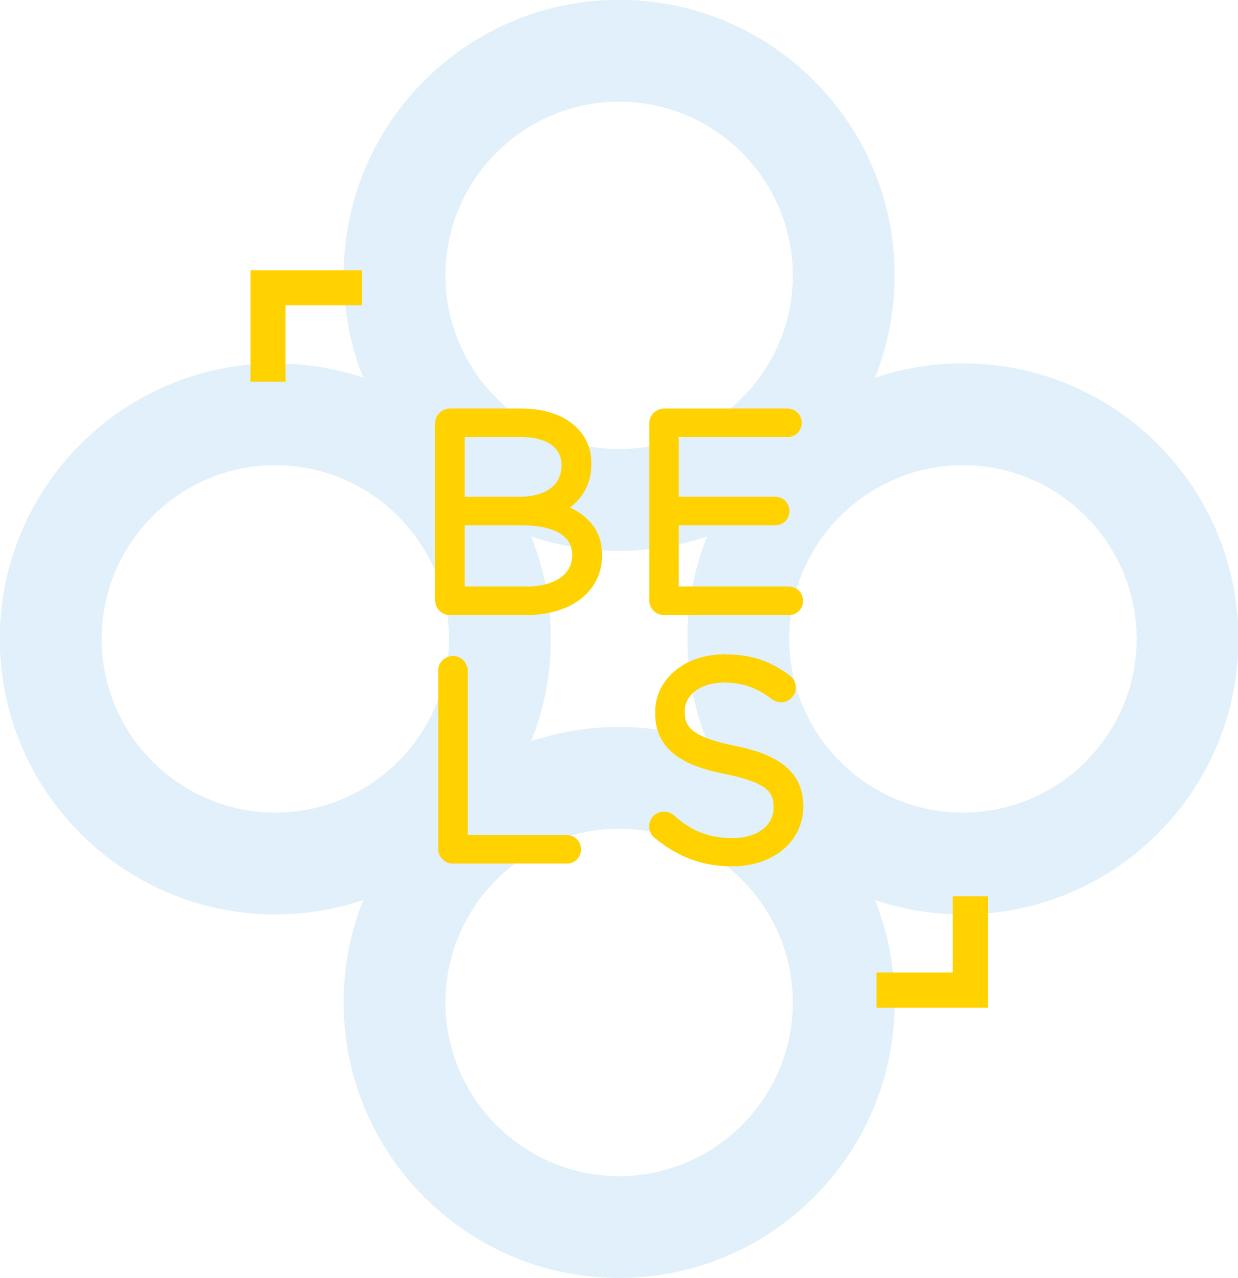 BELS Gozo